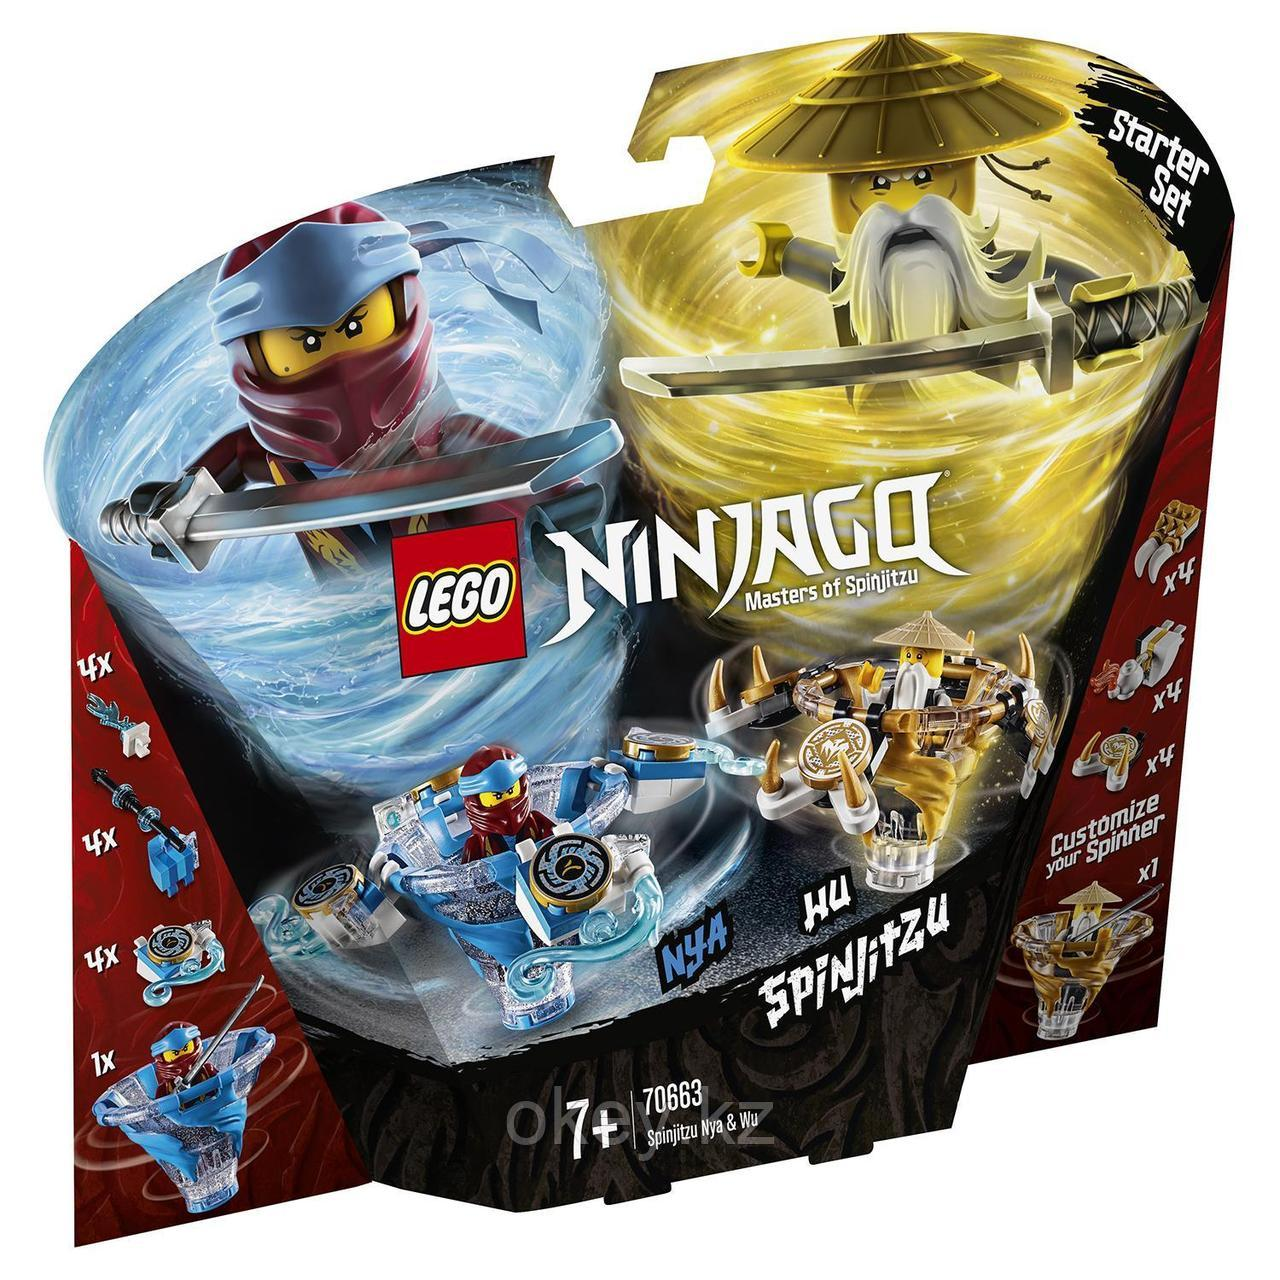 LEGO Ninjago: Ния и Ву: мастера Кружитцу 70663